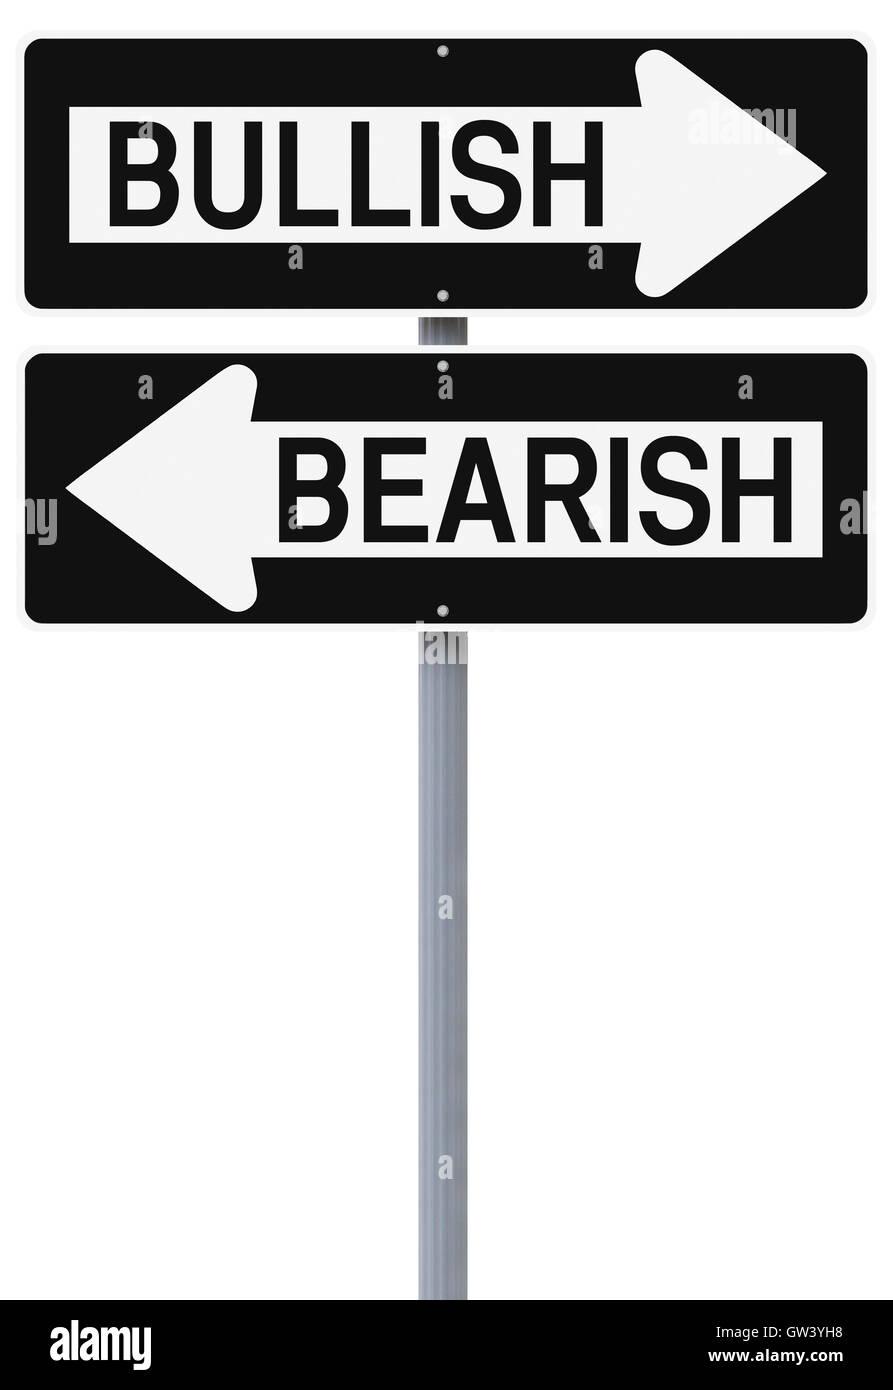 Bullish or Bearish - Stock Image